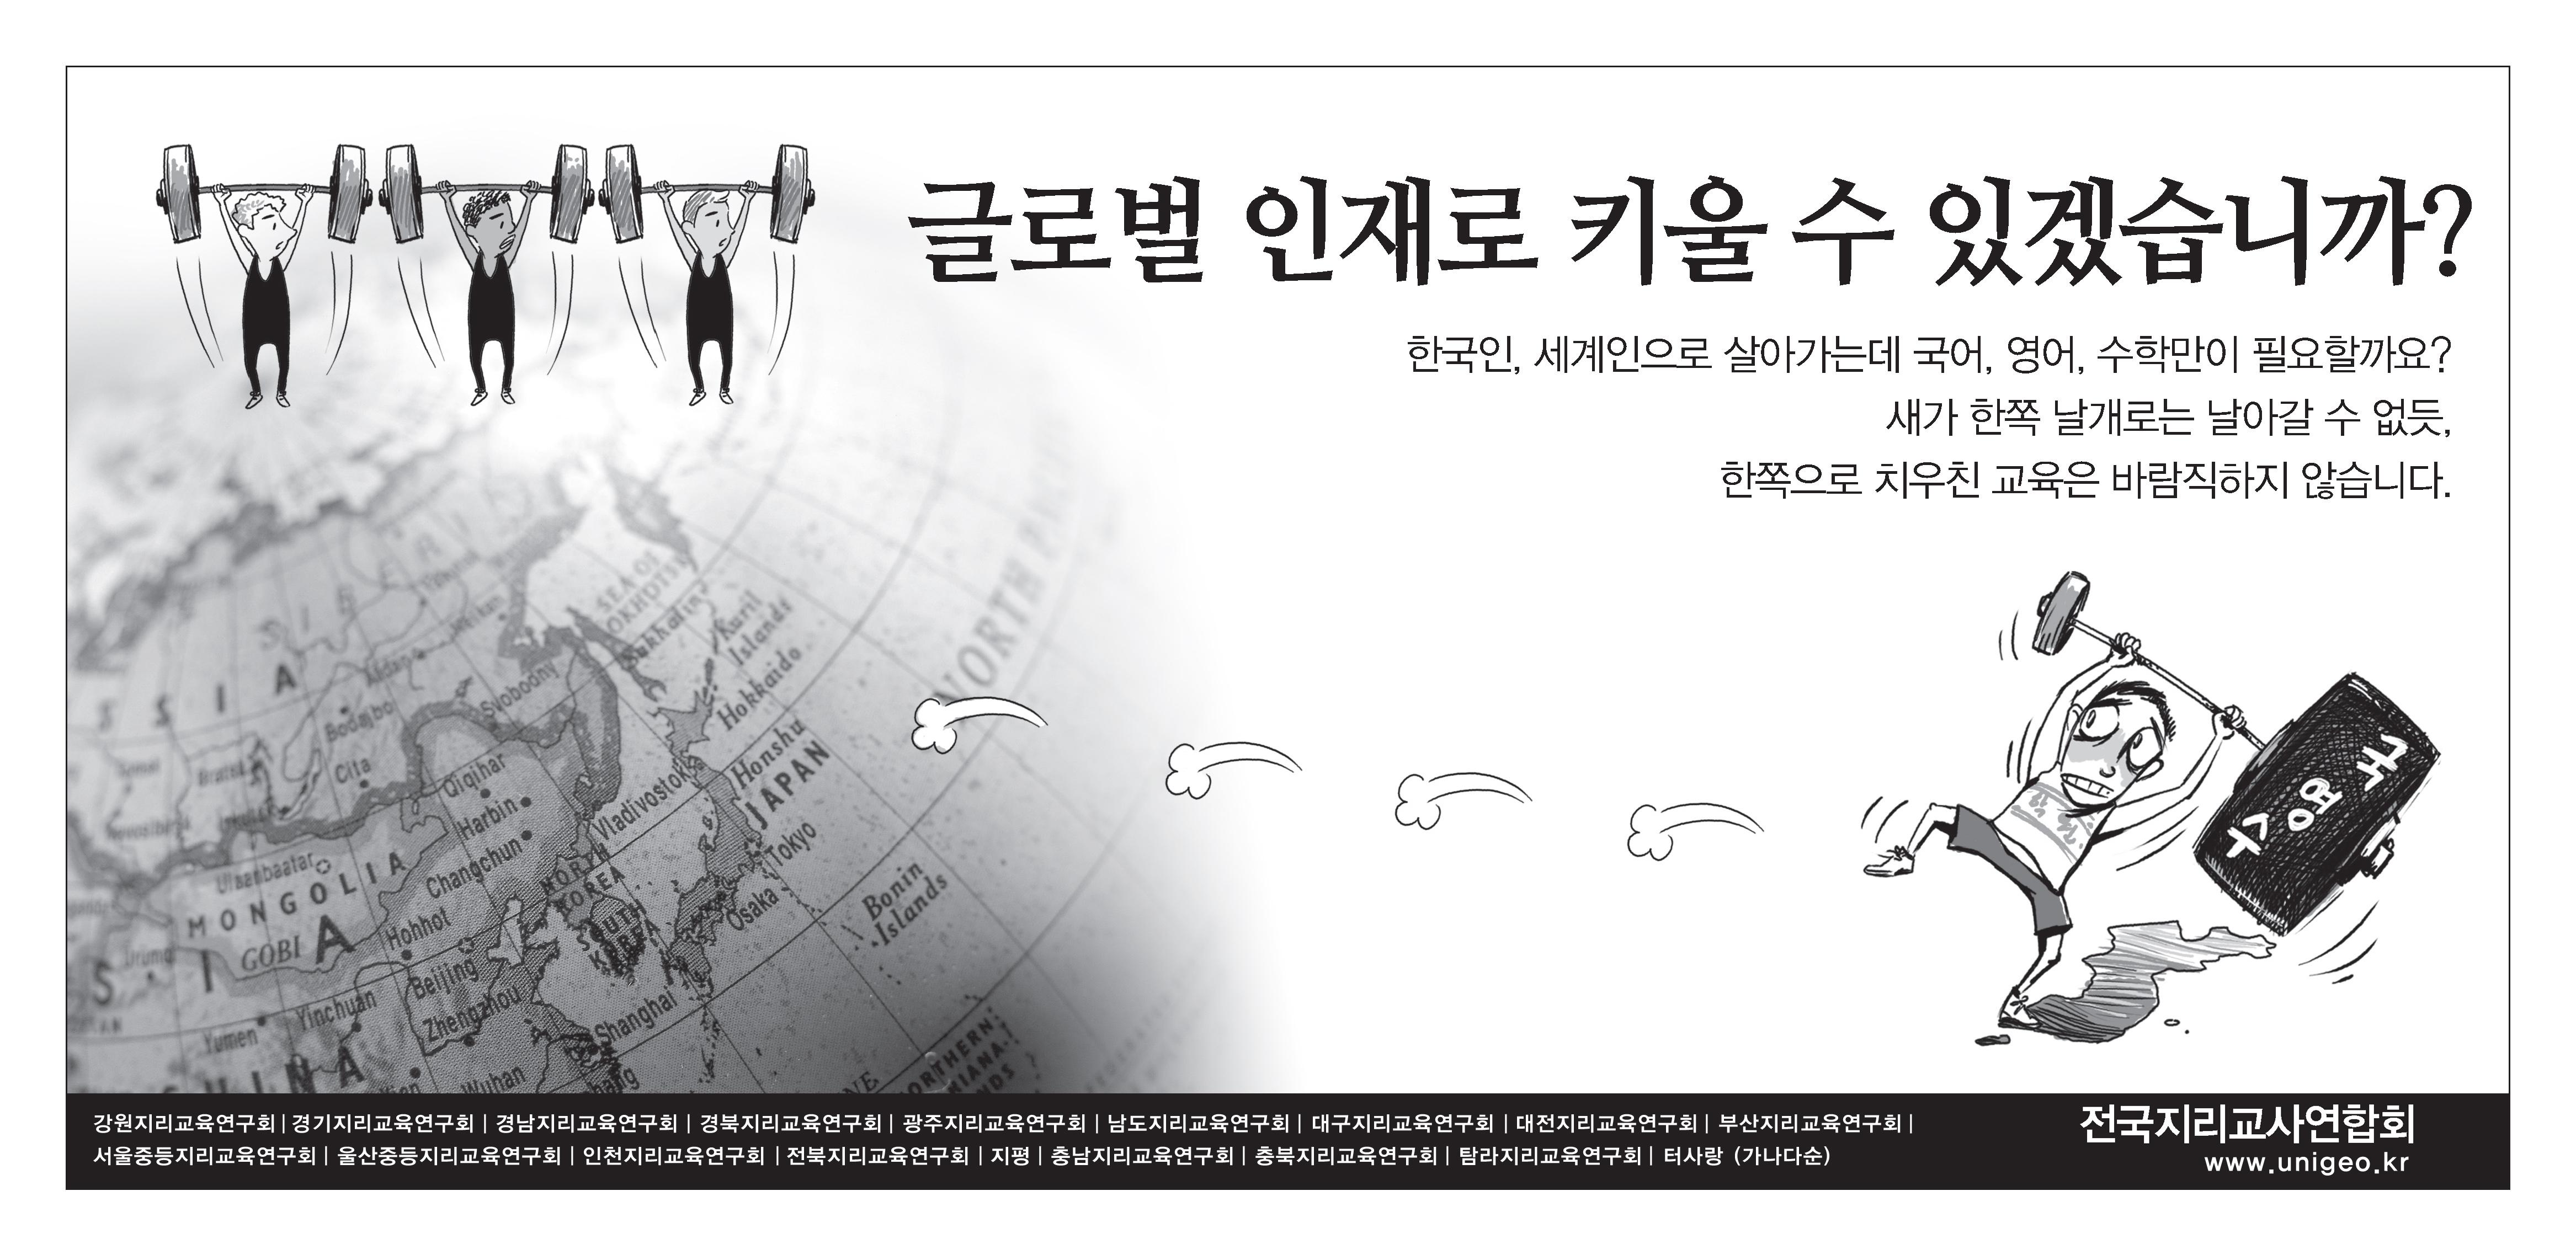 동아일보 광고.jpg